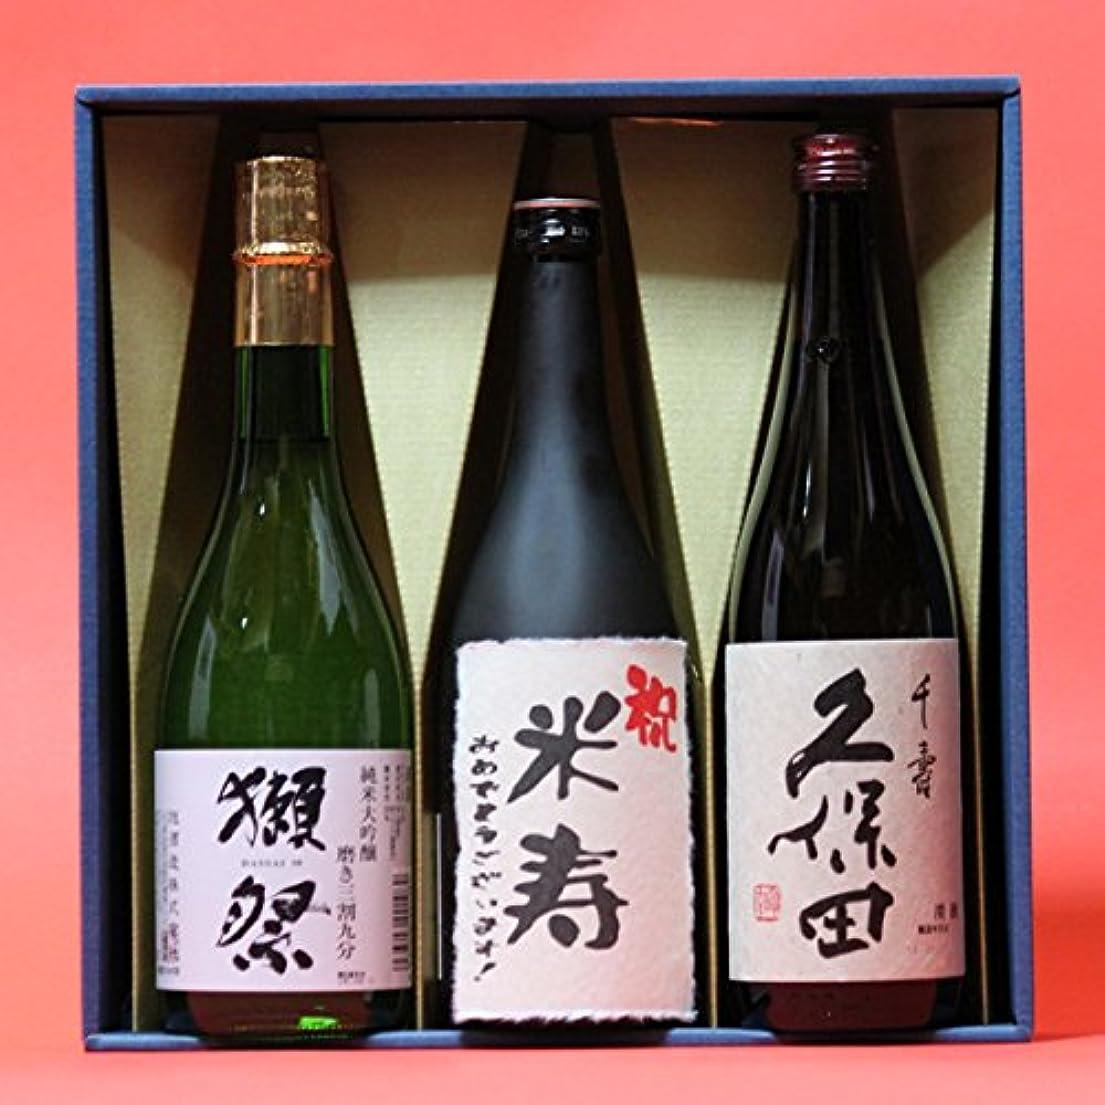 表現英語の授業があります冷淡な米寿〔べいじゅ〕(88歳)おめでとうございます!日本酒本醸造+獺祭(だっさい)39+久保田千寿720ml 3本ギフト箱 茶色クラフト紙ラッピング 祝米寿のし 飲み比べセット